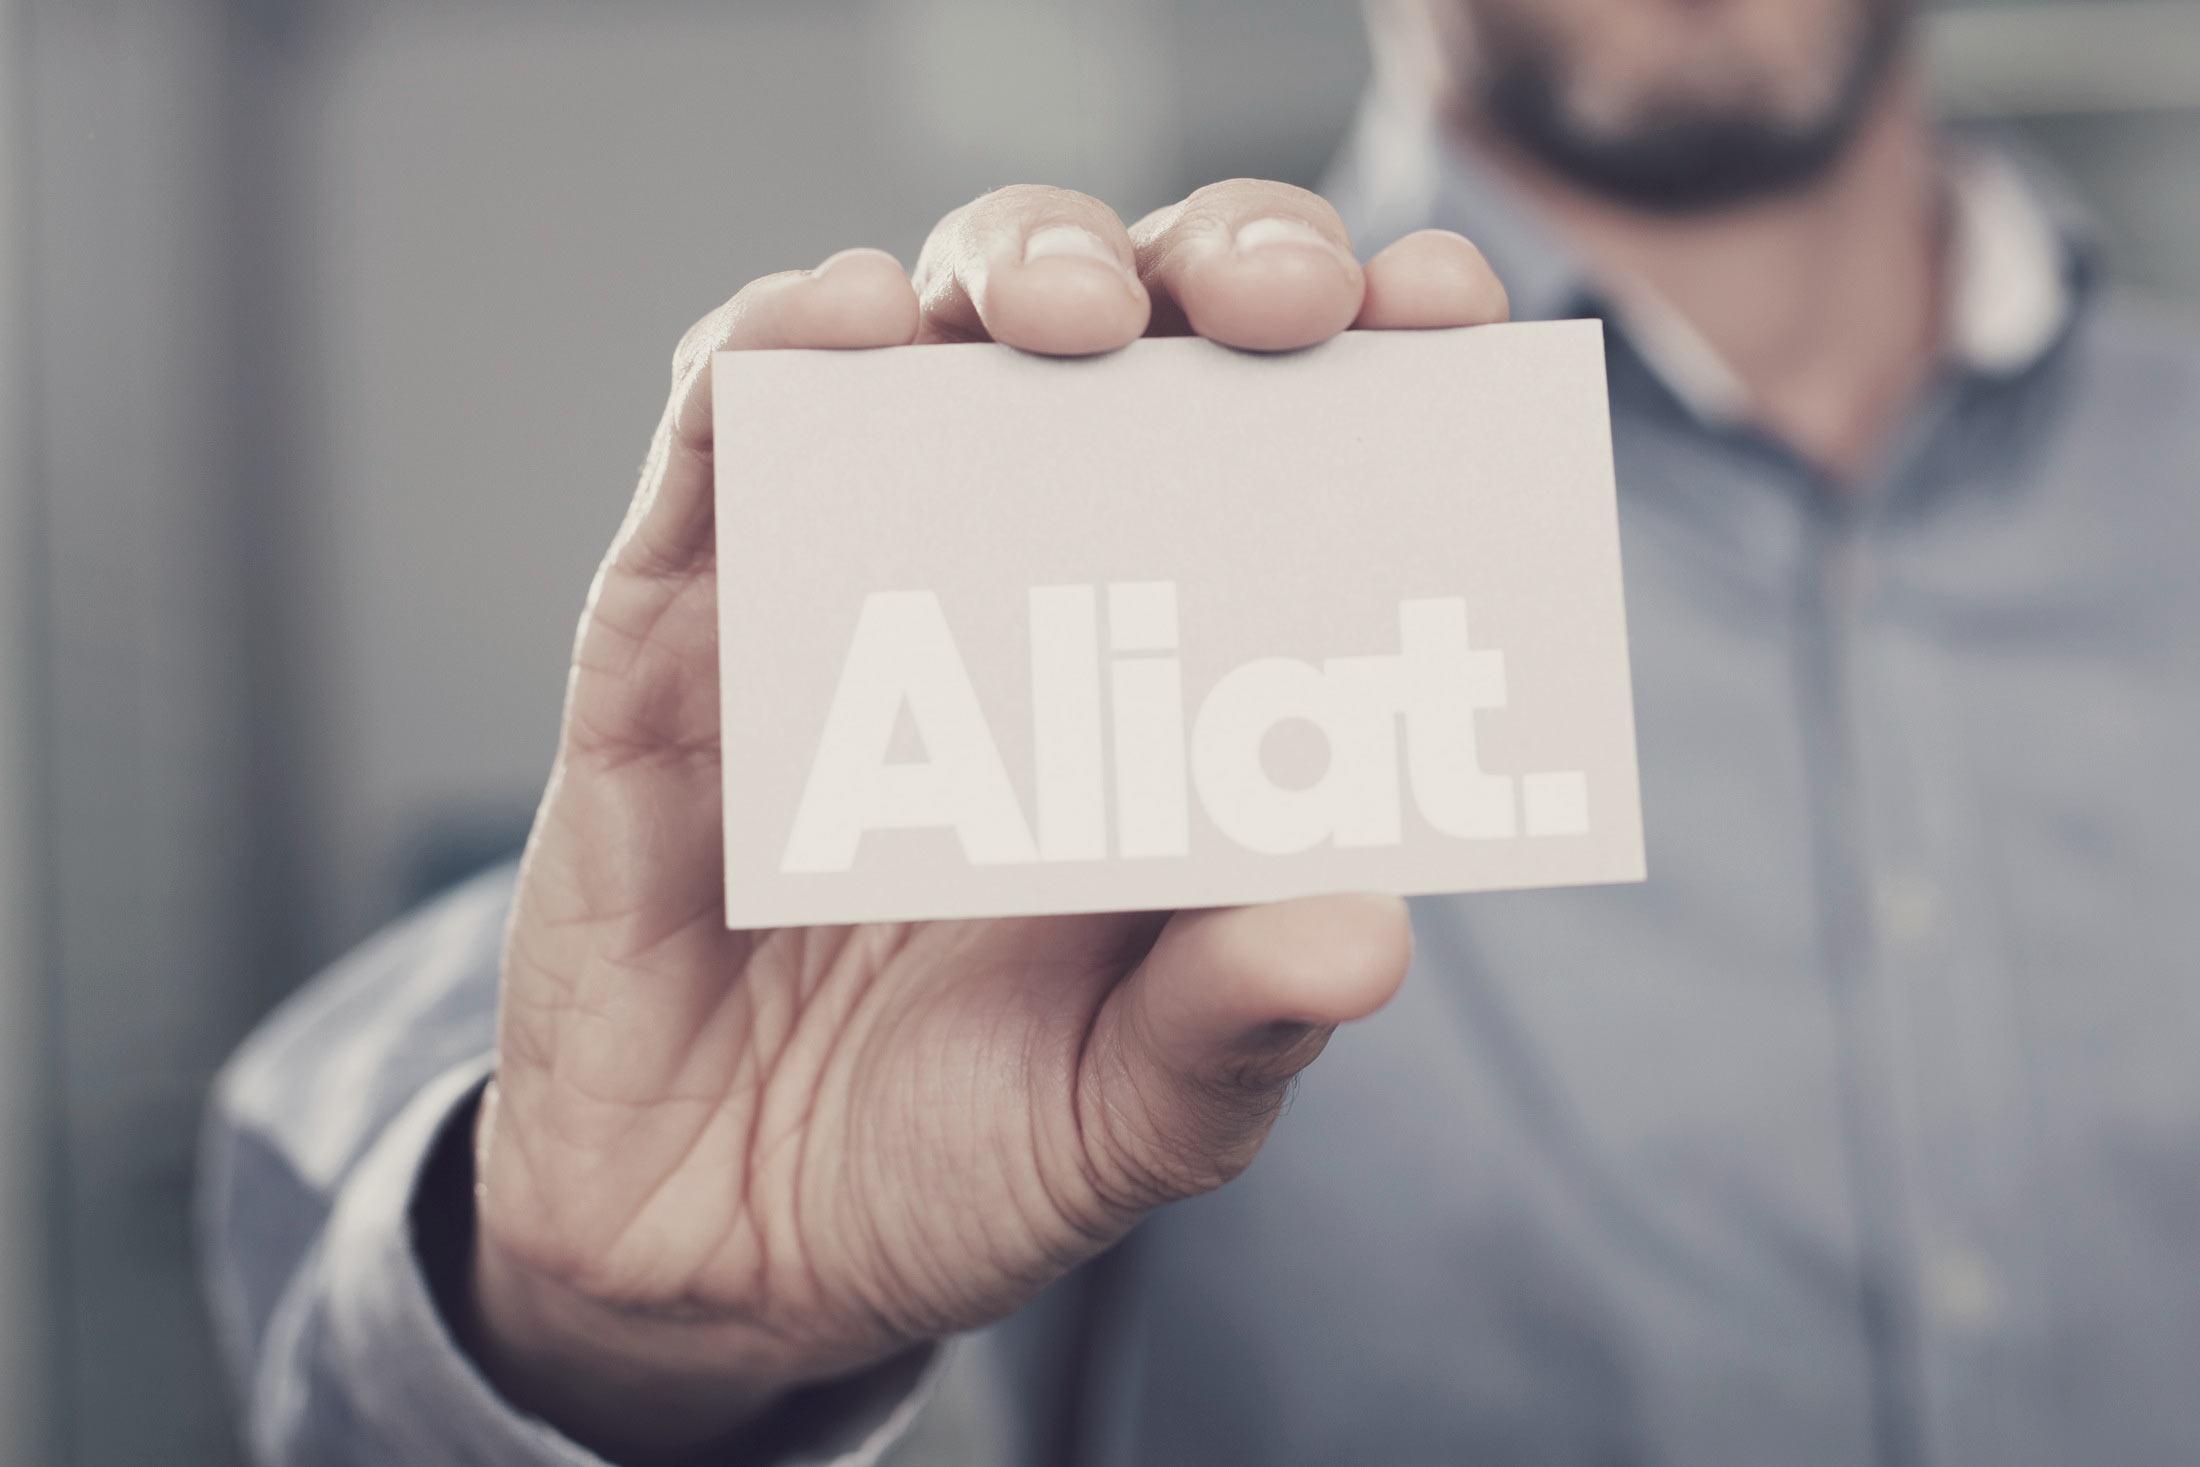 Comenzamos una nueva etapa en Aliat asesores